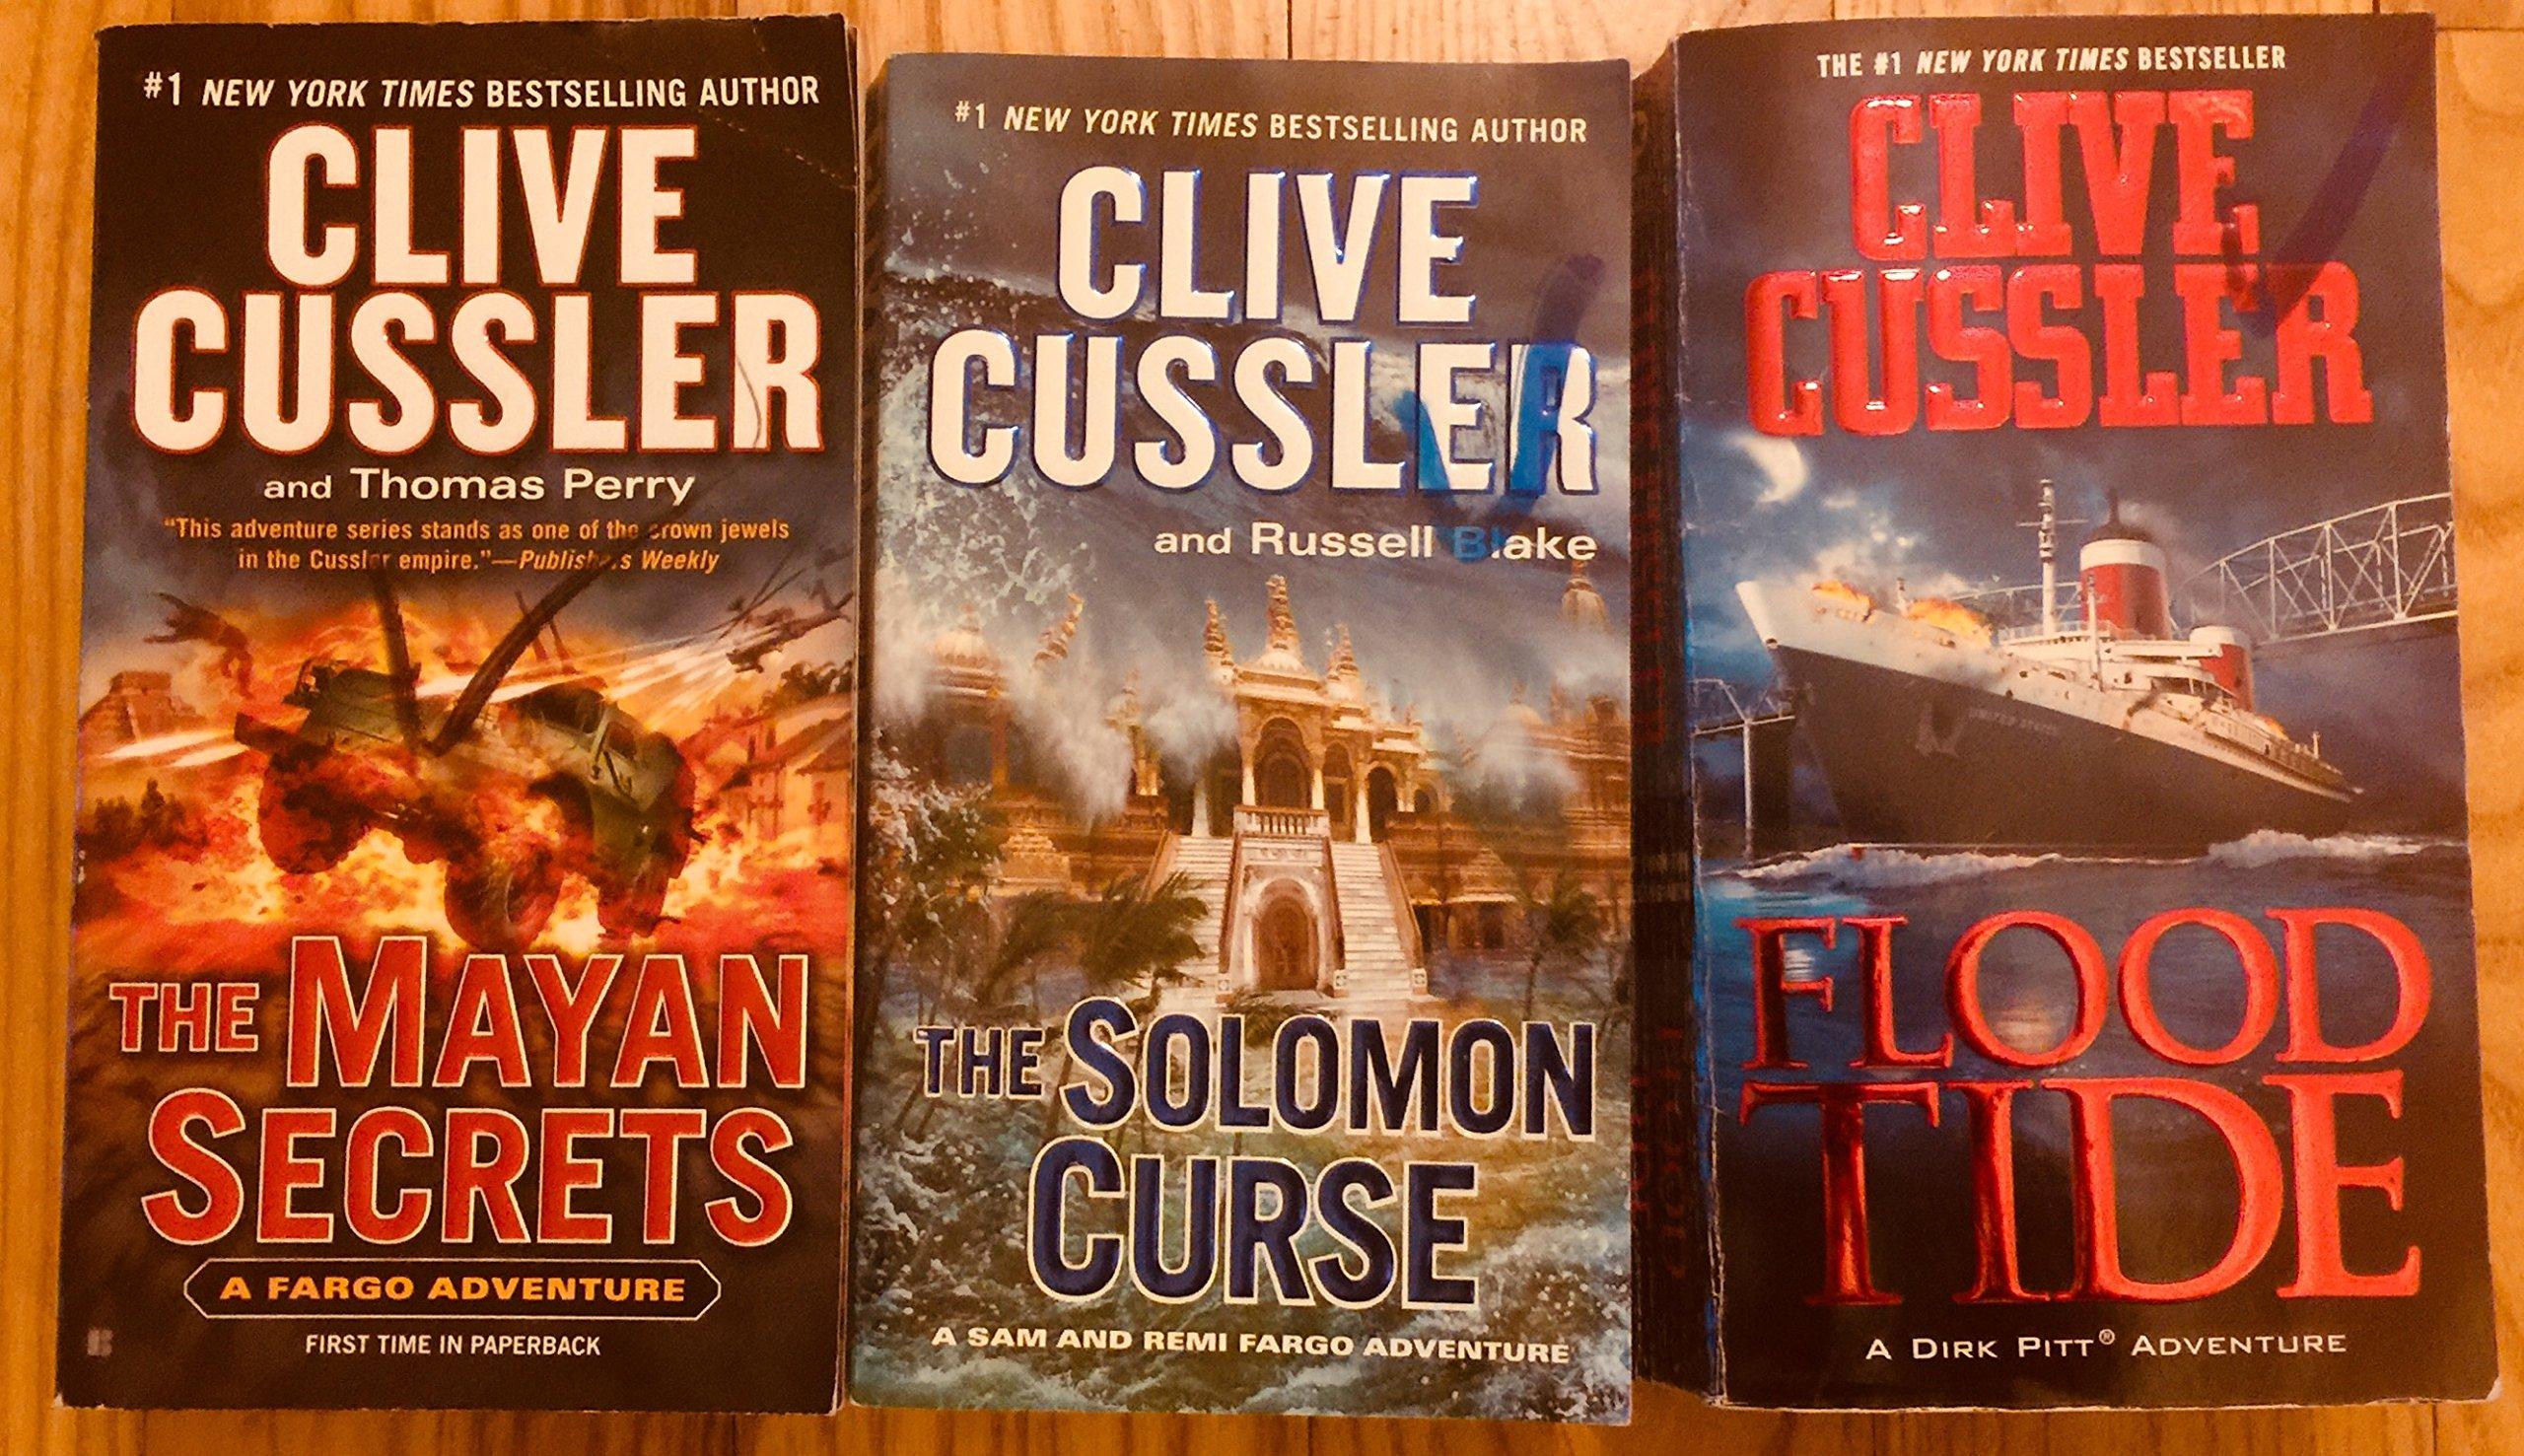 1) The Mayan Secrets 2) The Solomon Curse 3) Flood Tide: Clive Cussler:  0000047008120: Amazon.com: Books